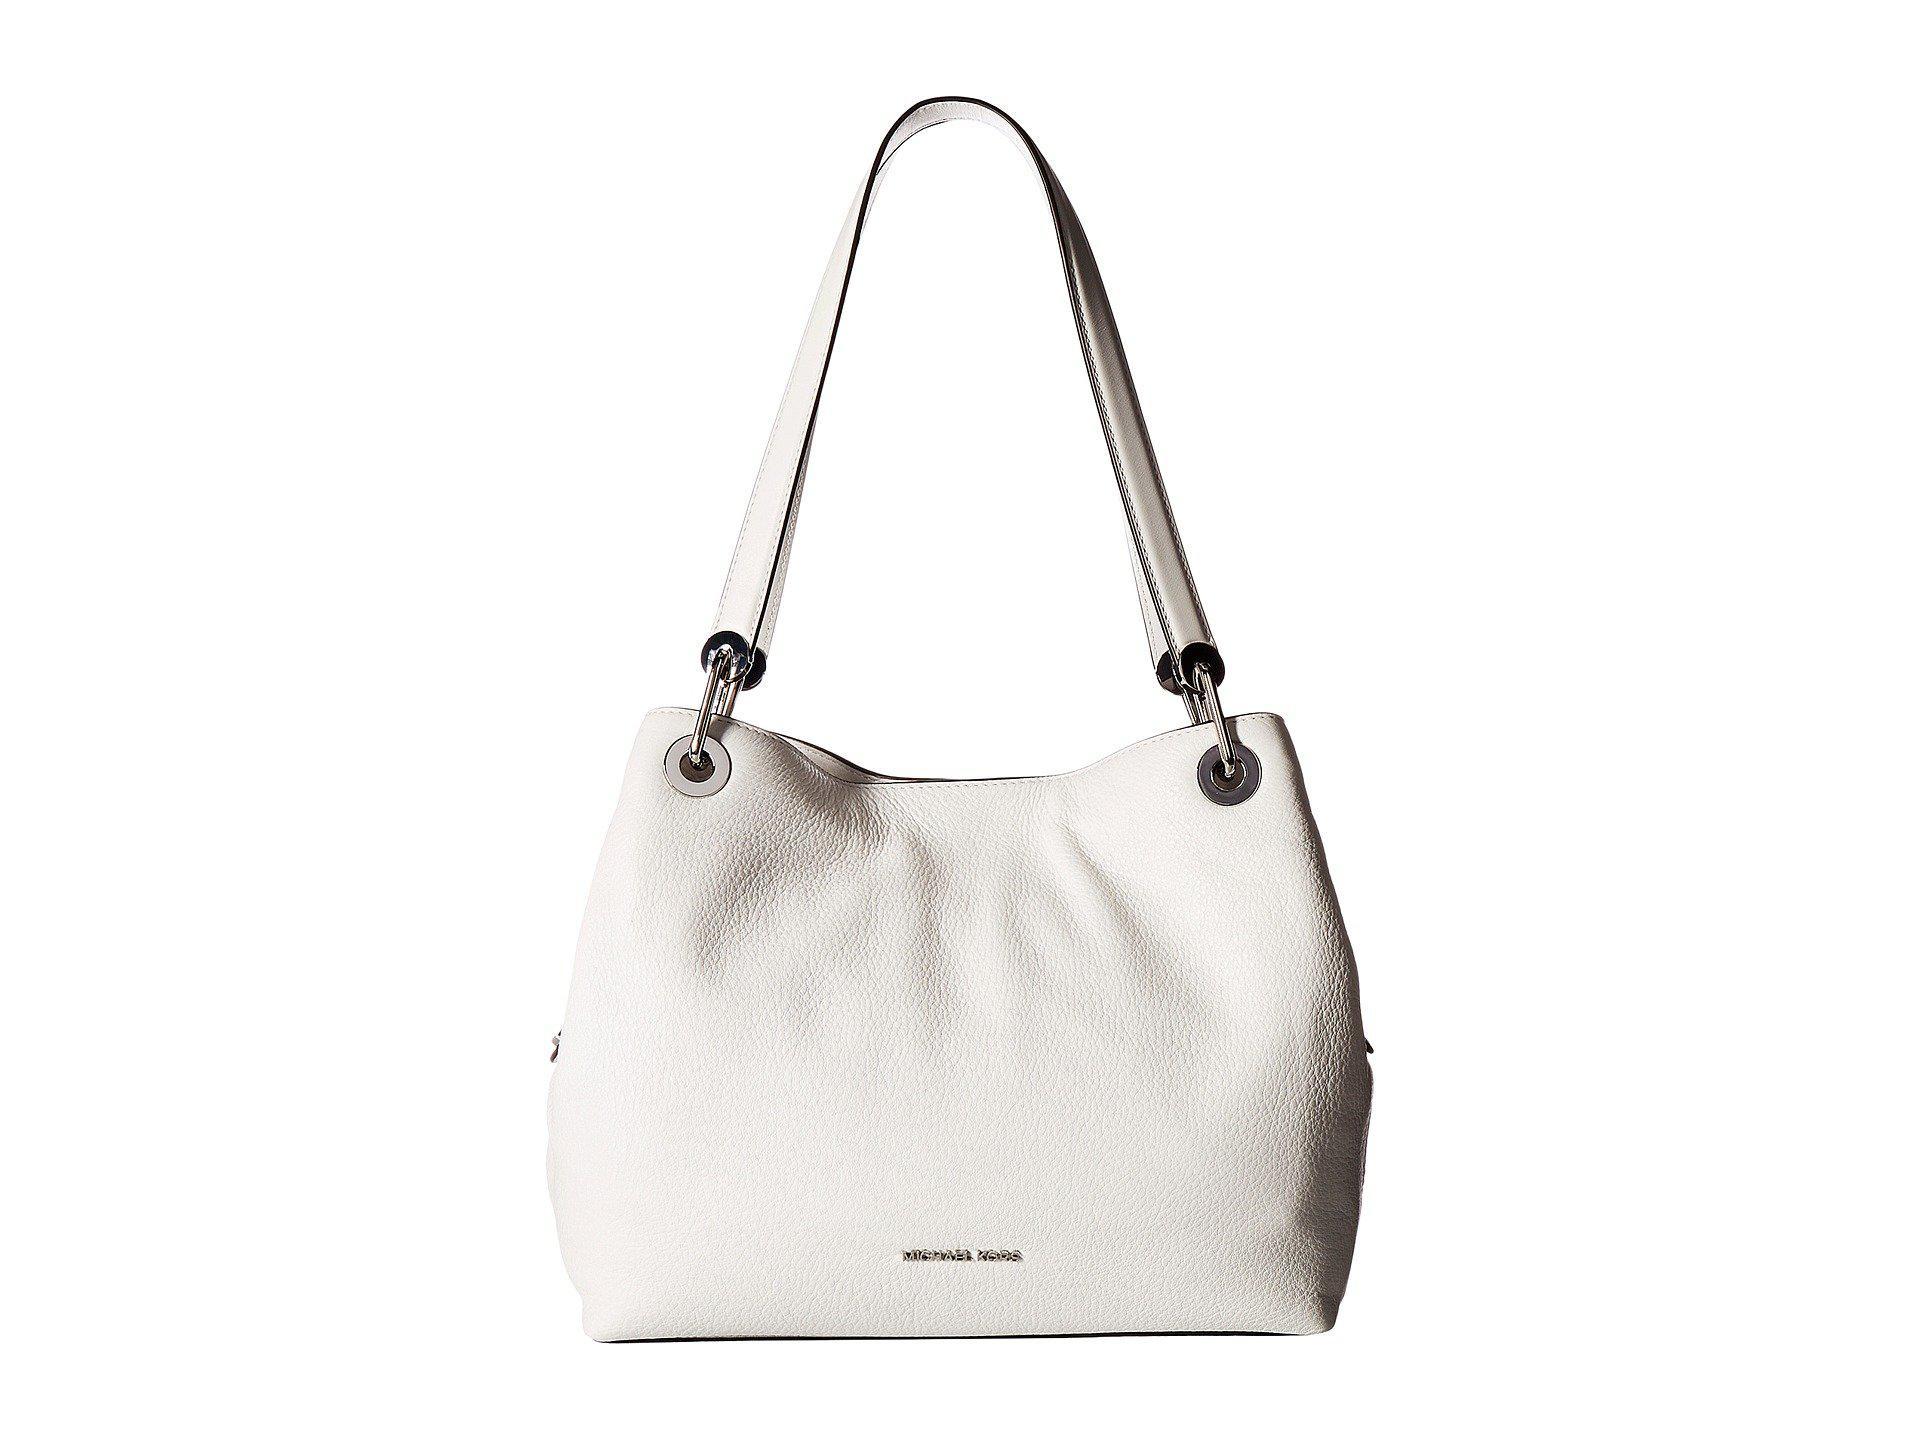 Michael Kors Whitney Large Shoulder (Optic White) Shoulder Handbags biPSrKB6U